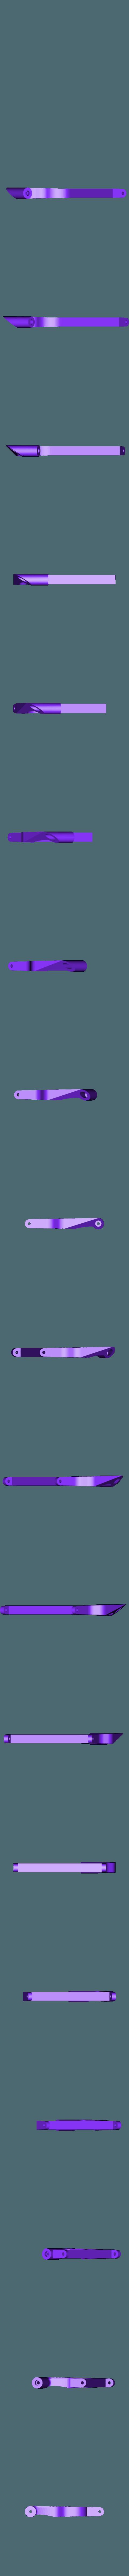 newservoarm.stl Download STL file Iron Man Mark 42  • 3D printing object, SKUPERDIY